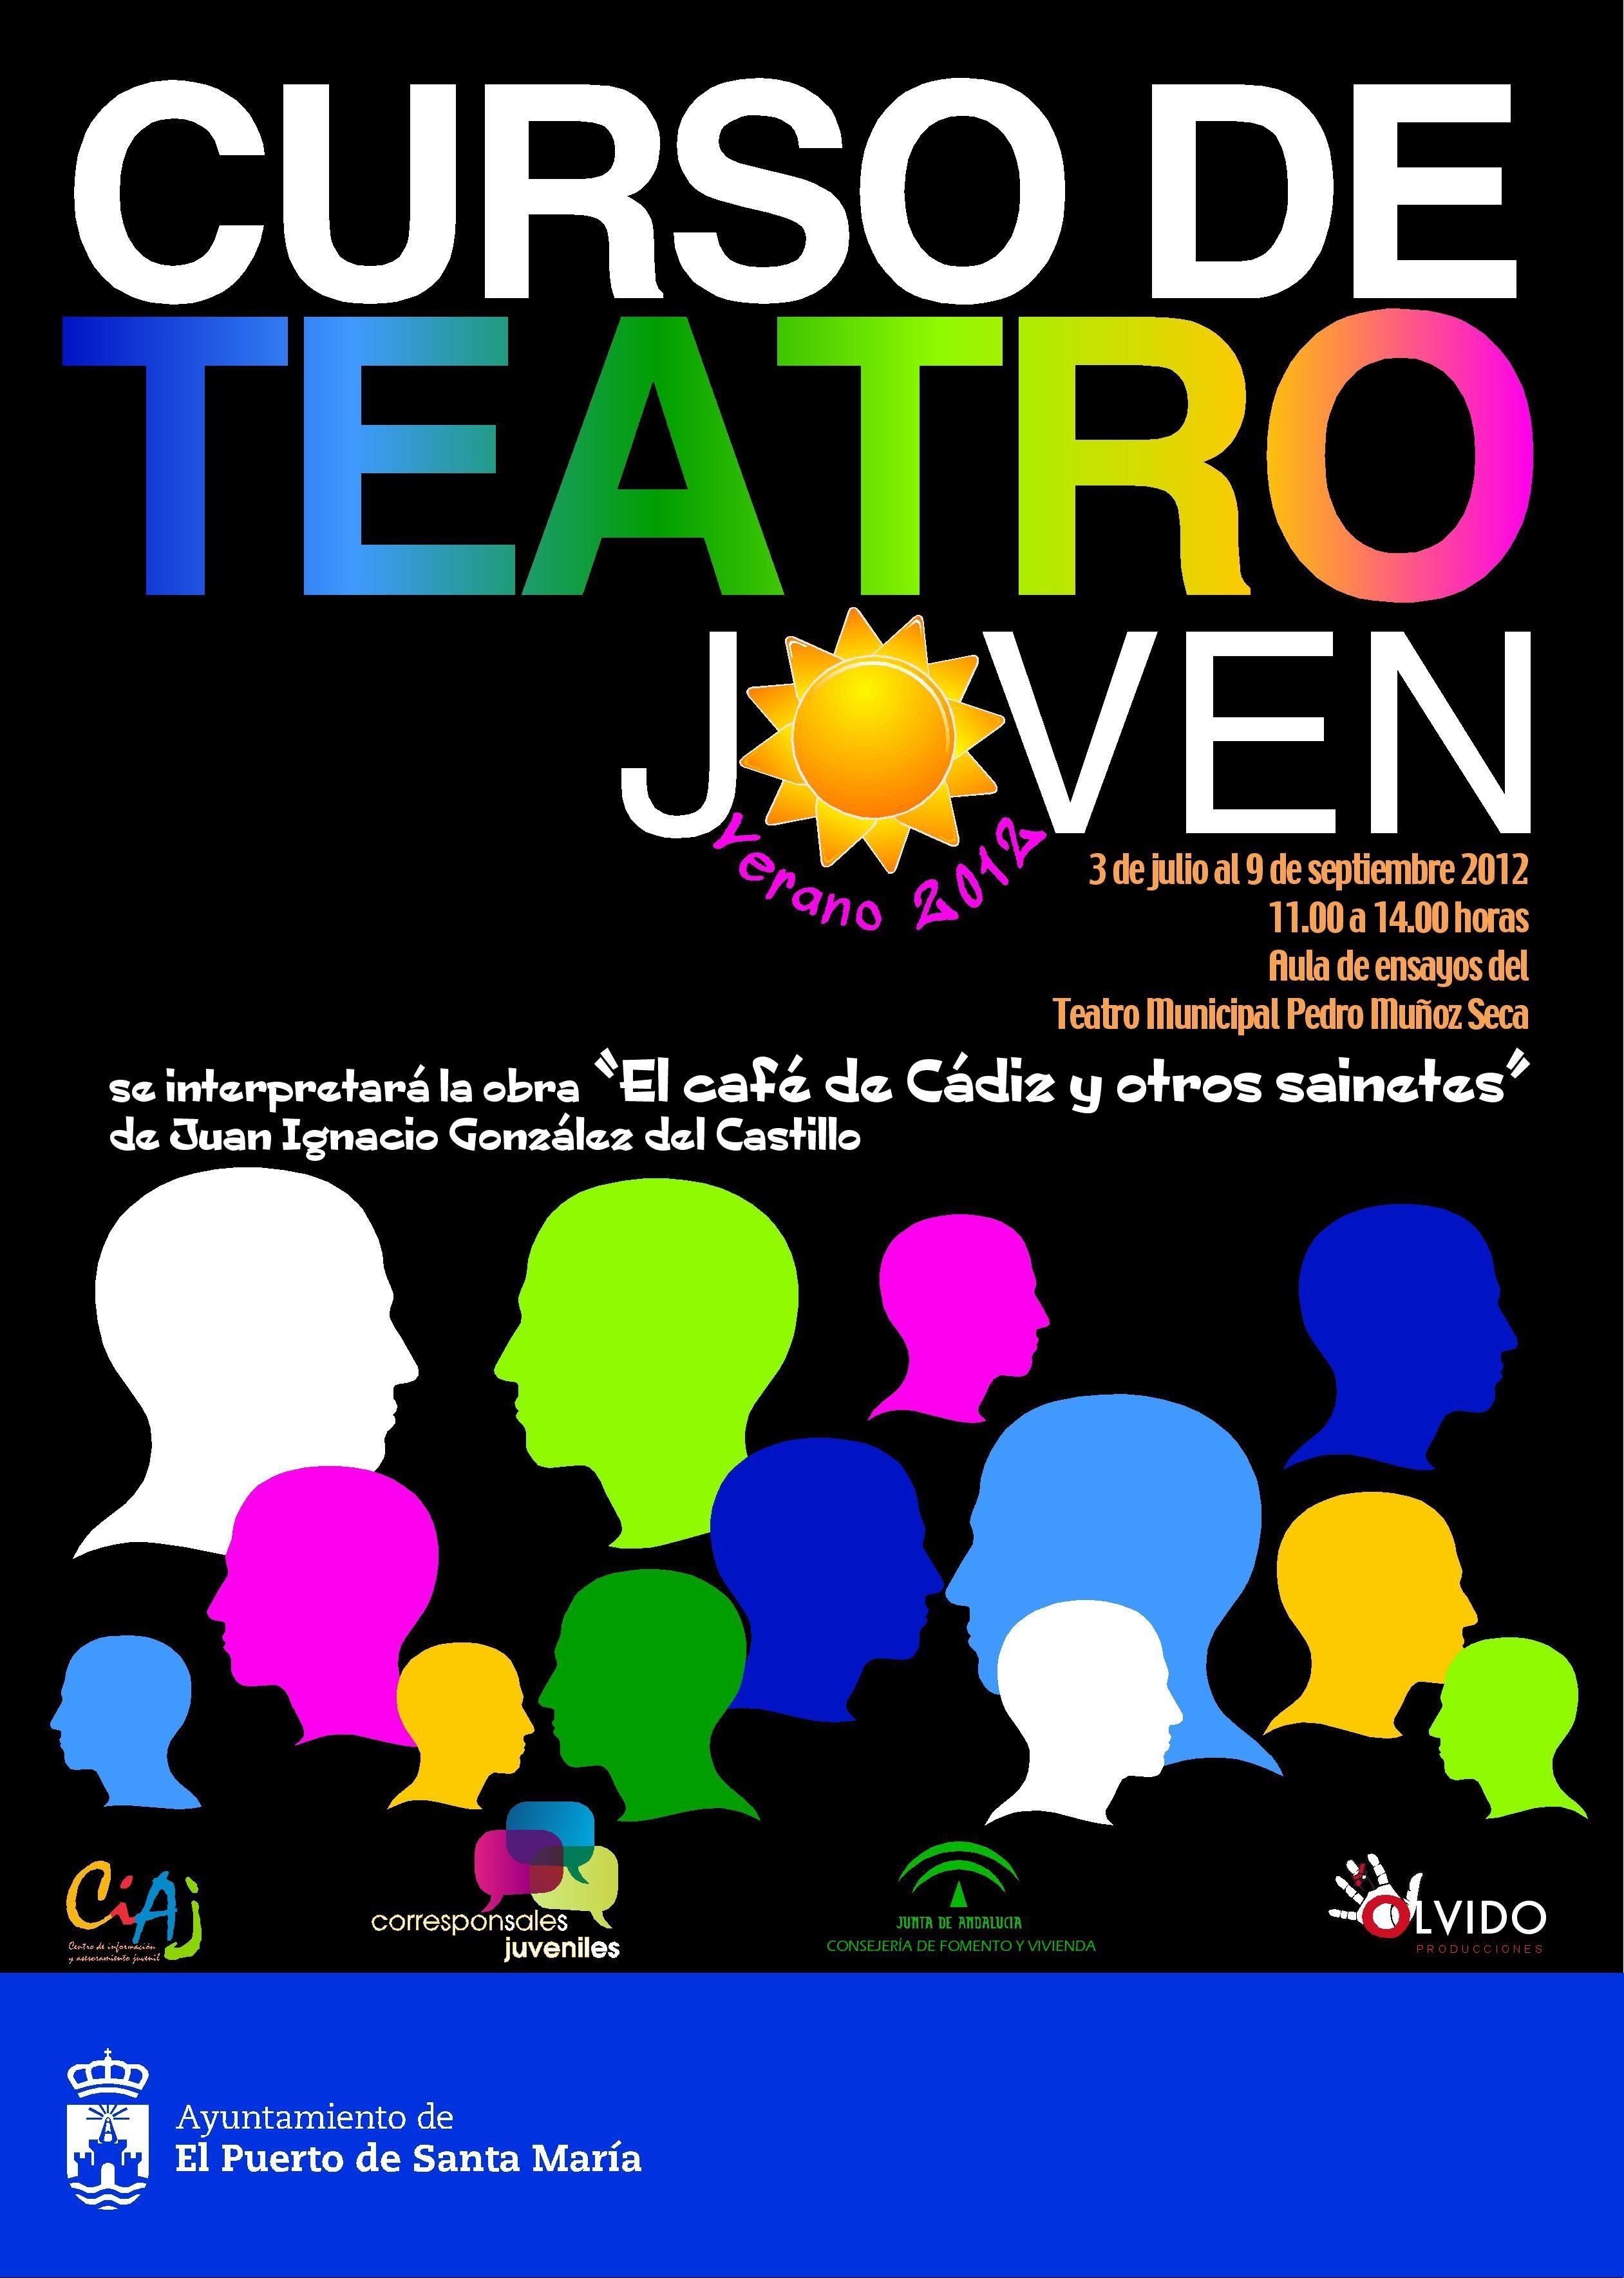 Si te gusta el teatro, ya tienes plan para este verano.    Más información:  http://www.facebook.com/events/154390914695006/